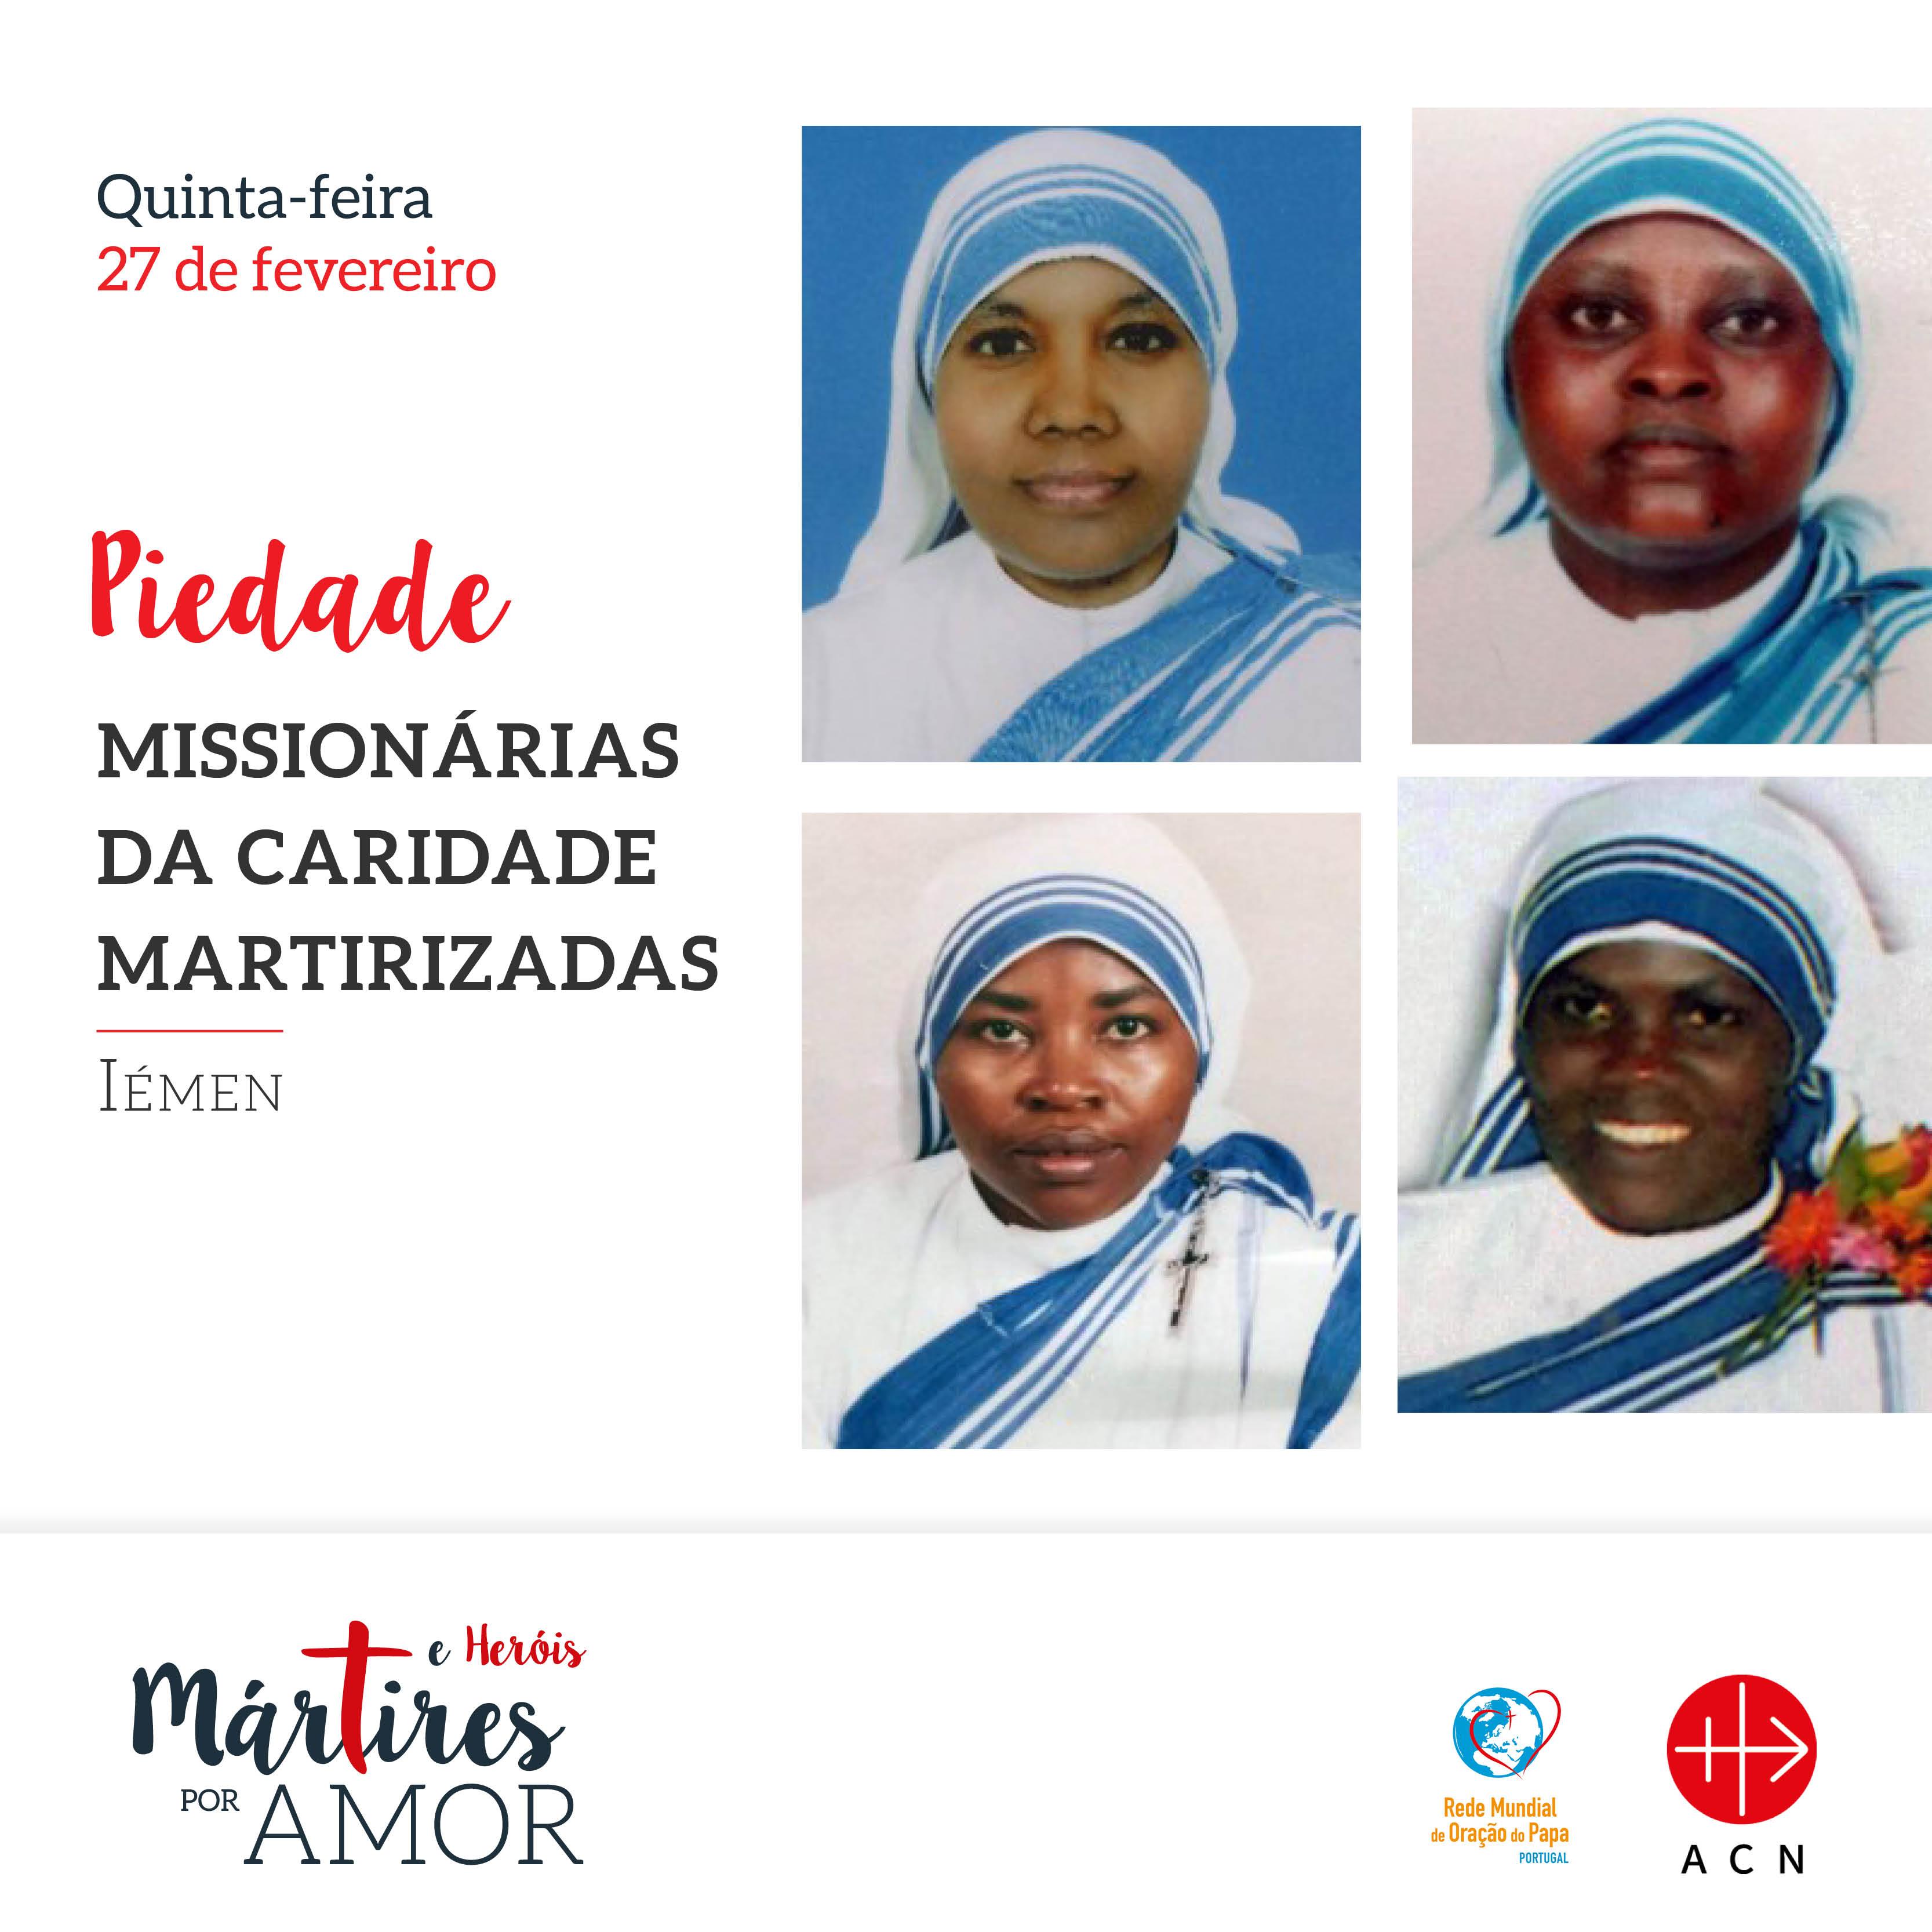 Piedade - IÉMEN: Missionárias da Caridade martirizadas.